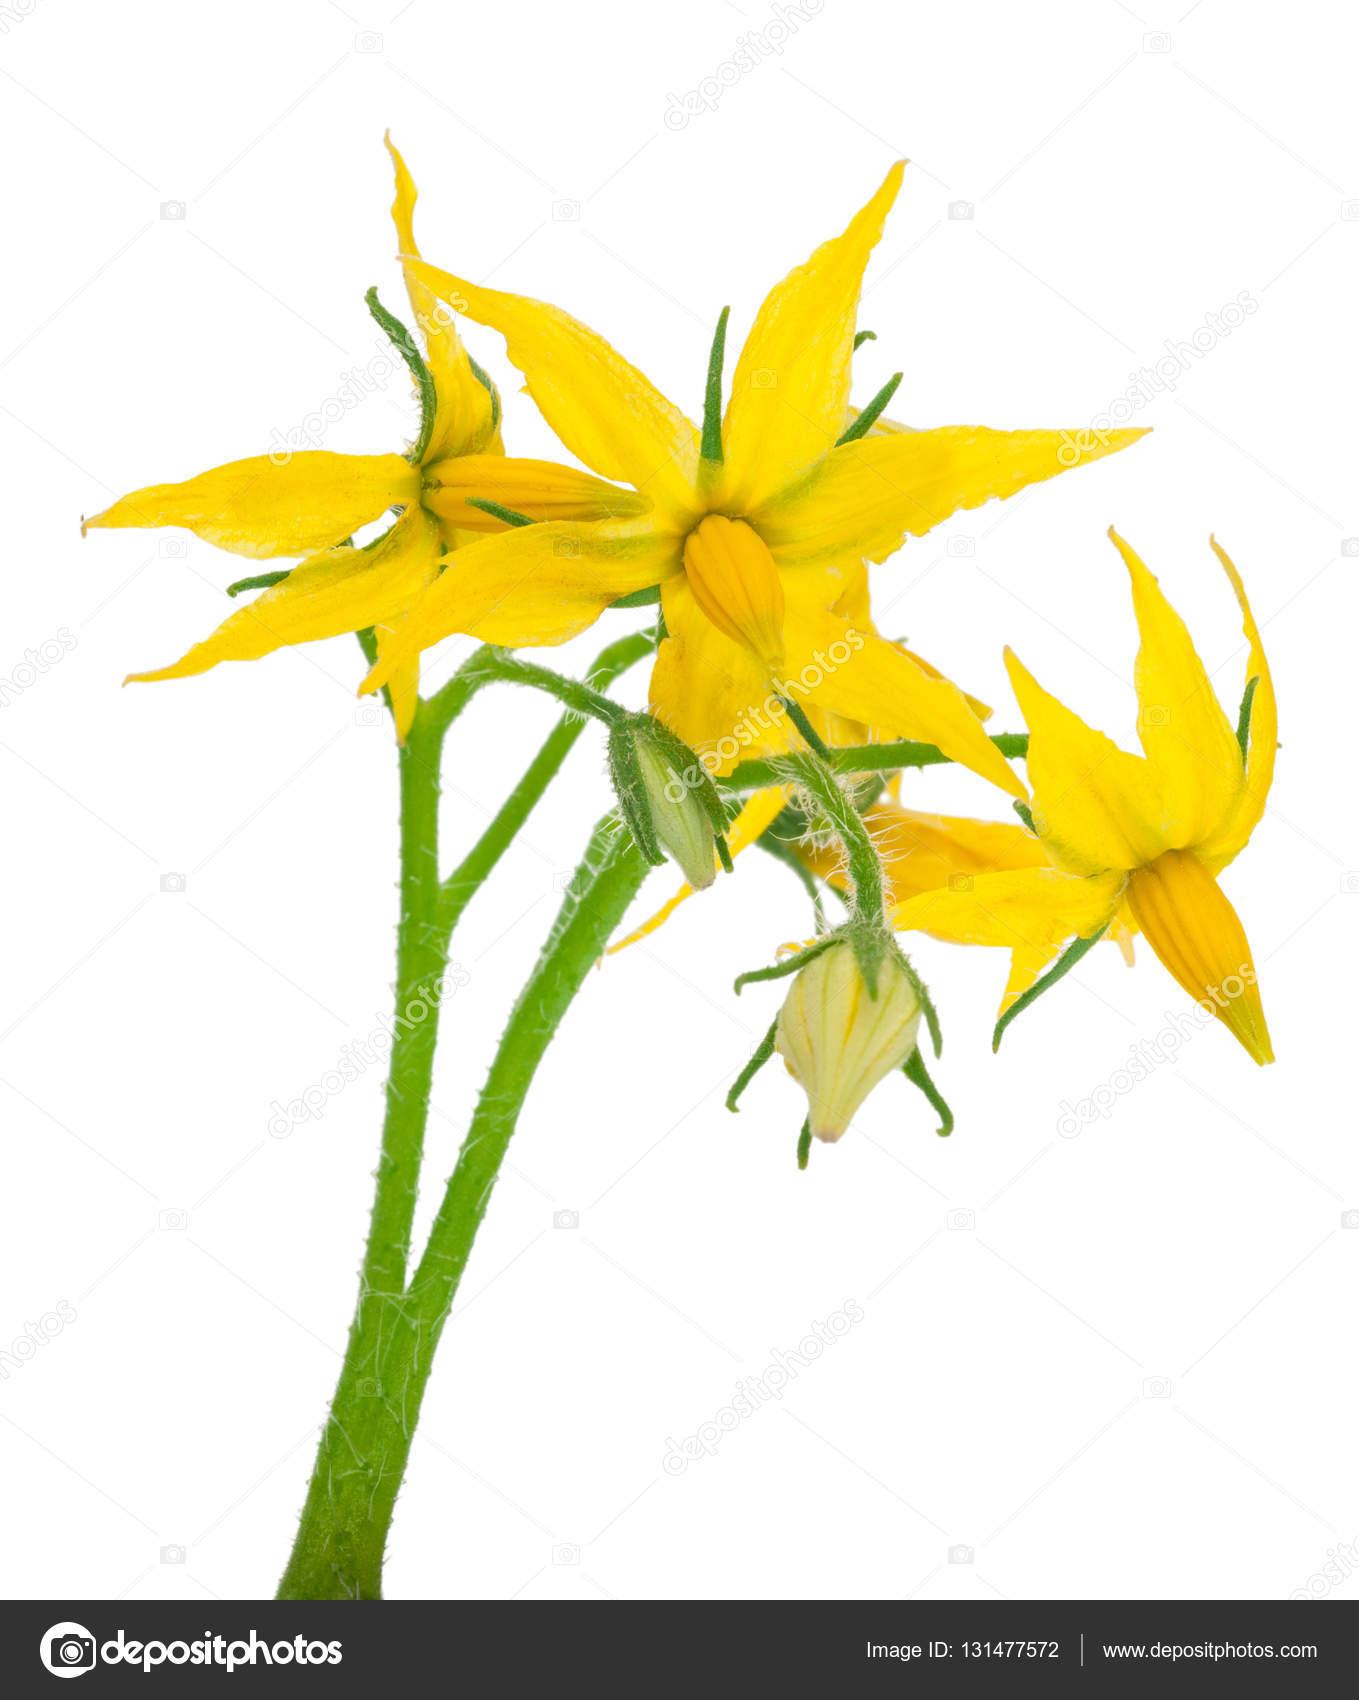 Tomato Plant Flower Stock Photo Alexan66 131477572